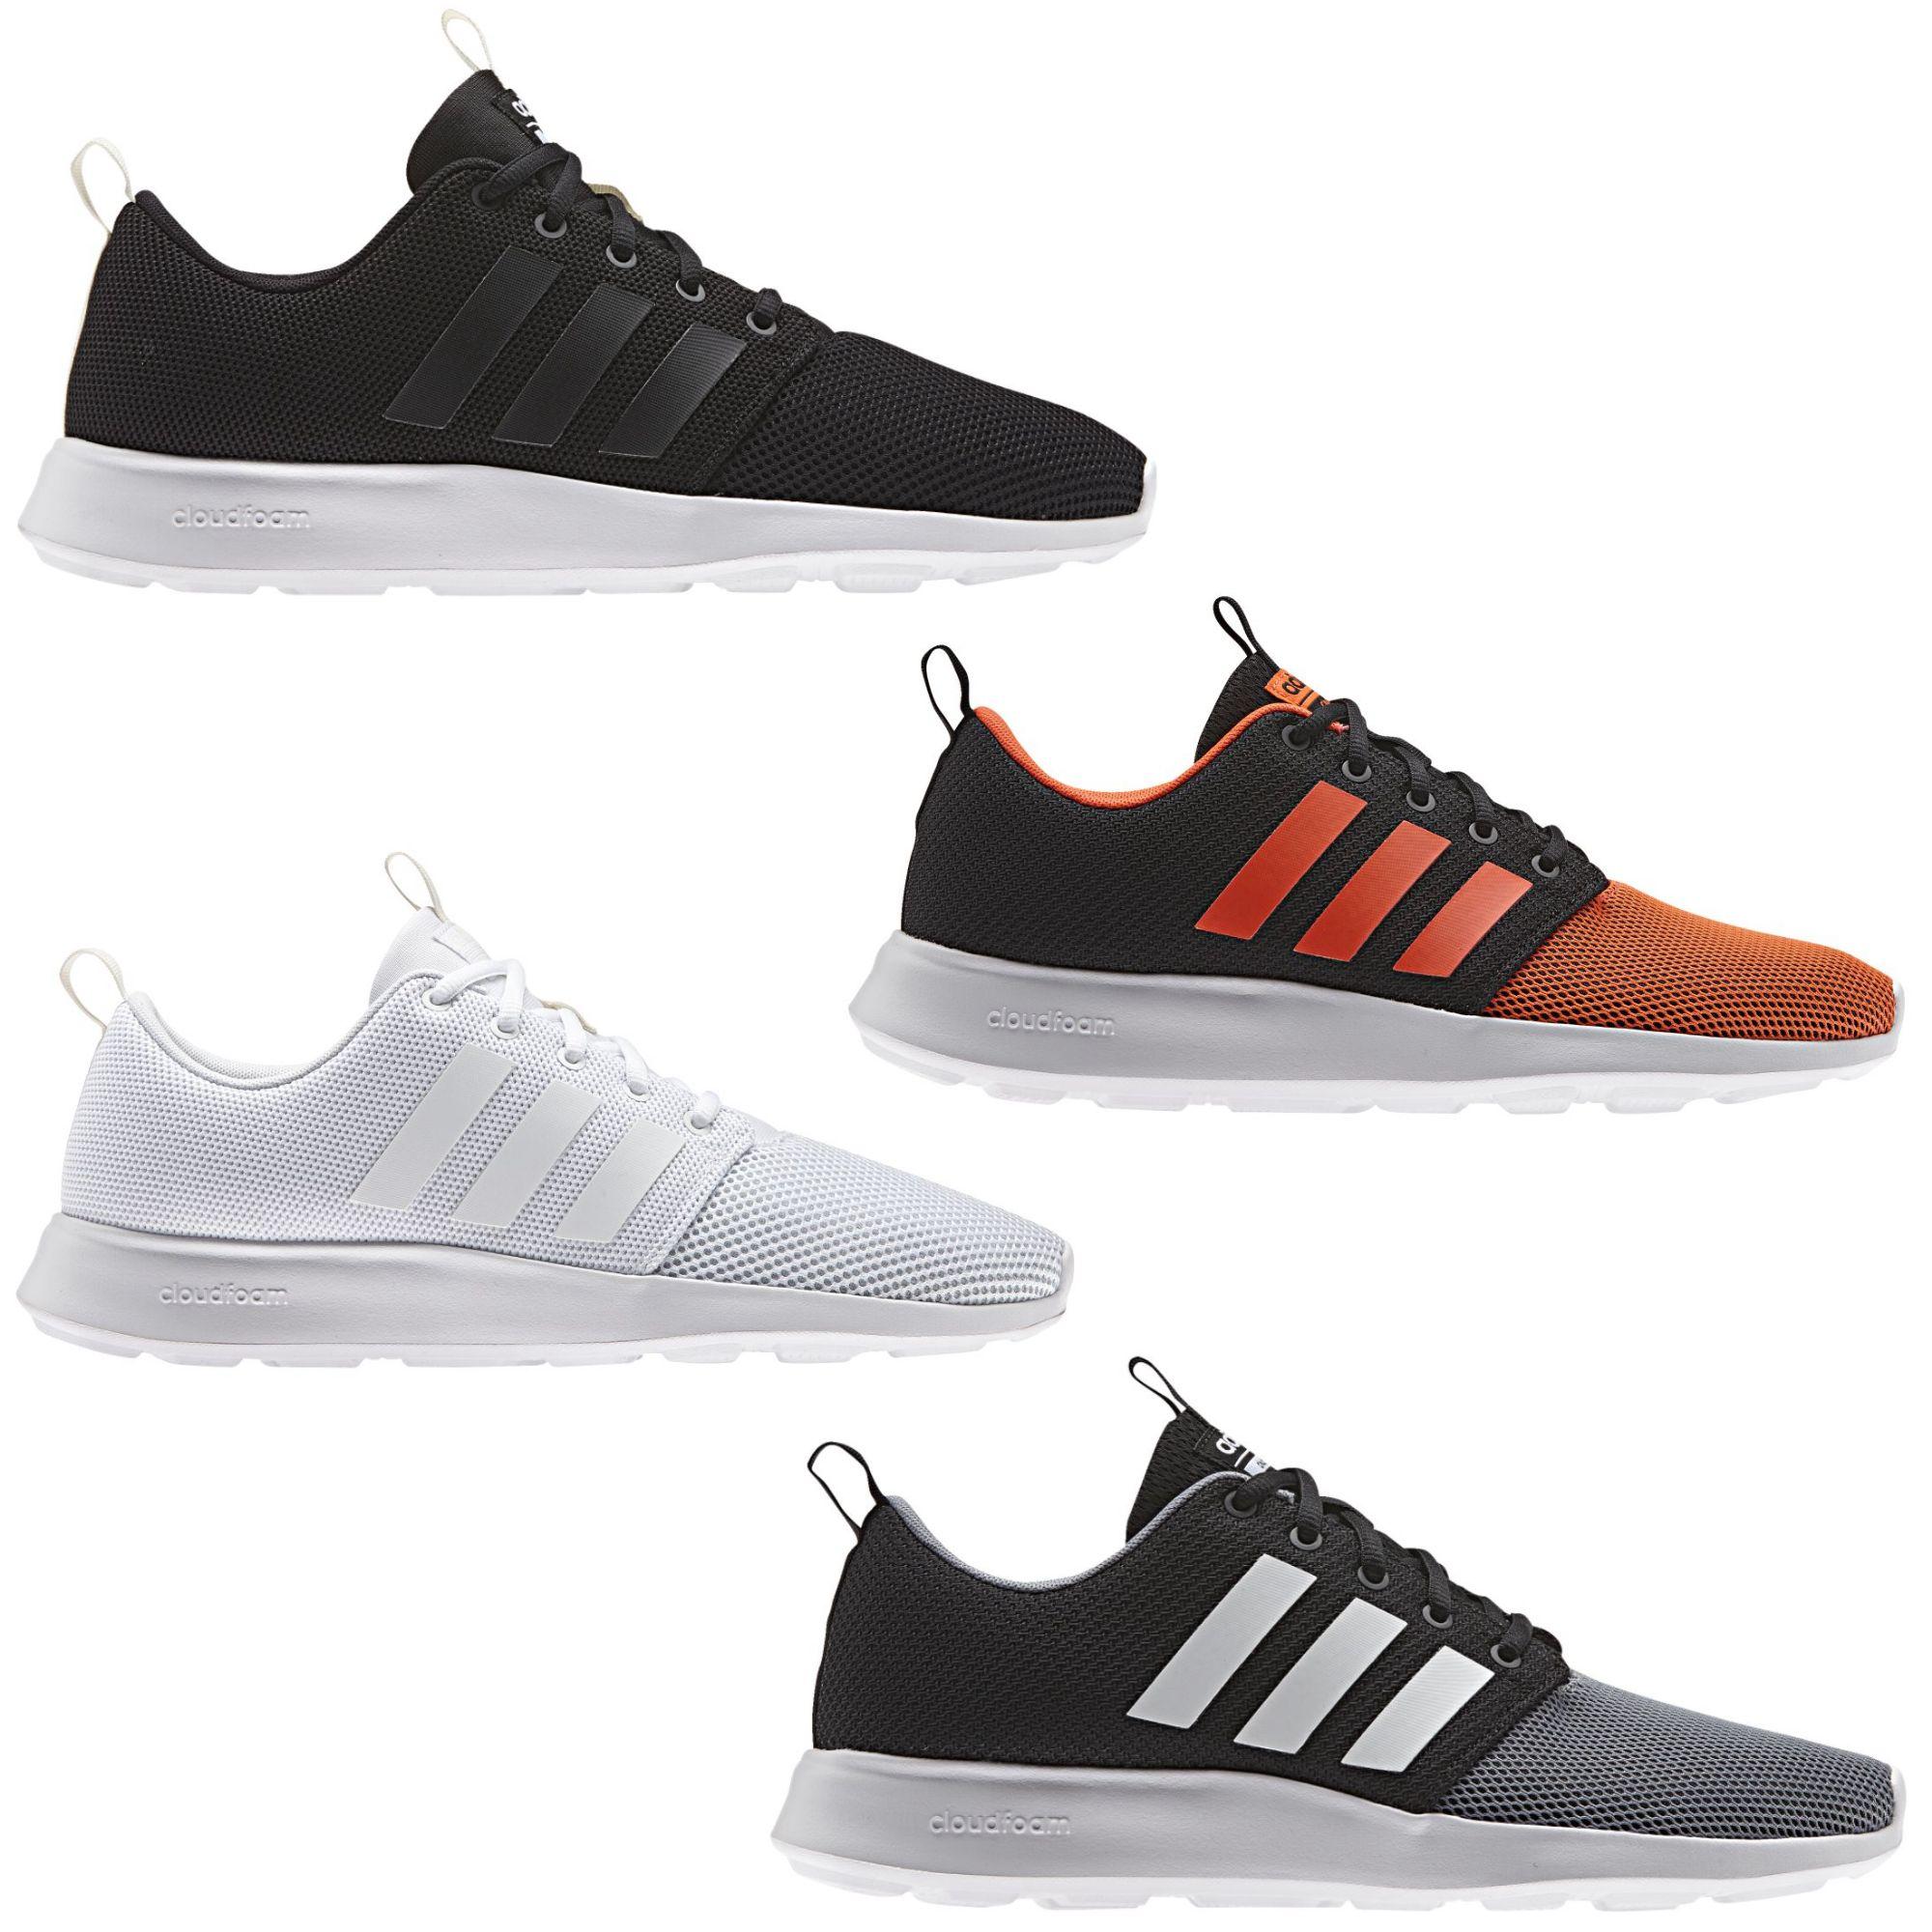 Adidas Schuhe Babyblau